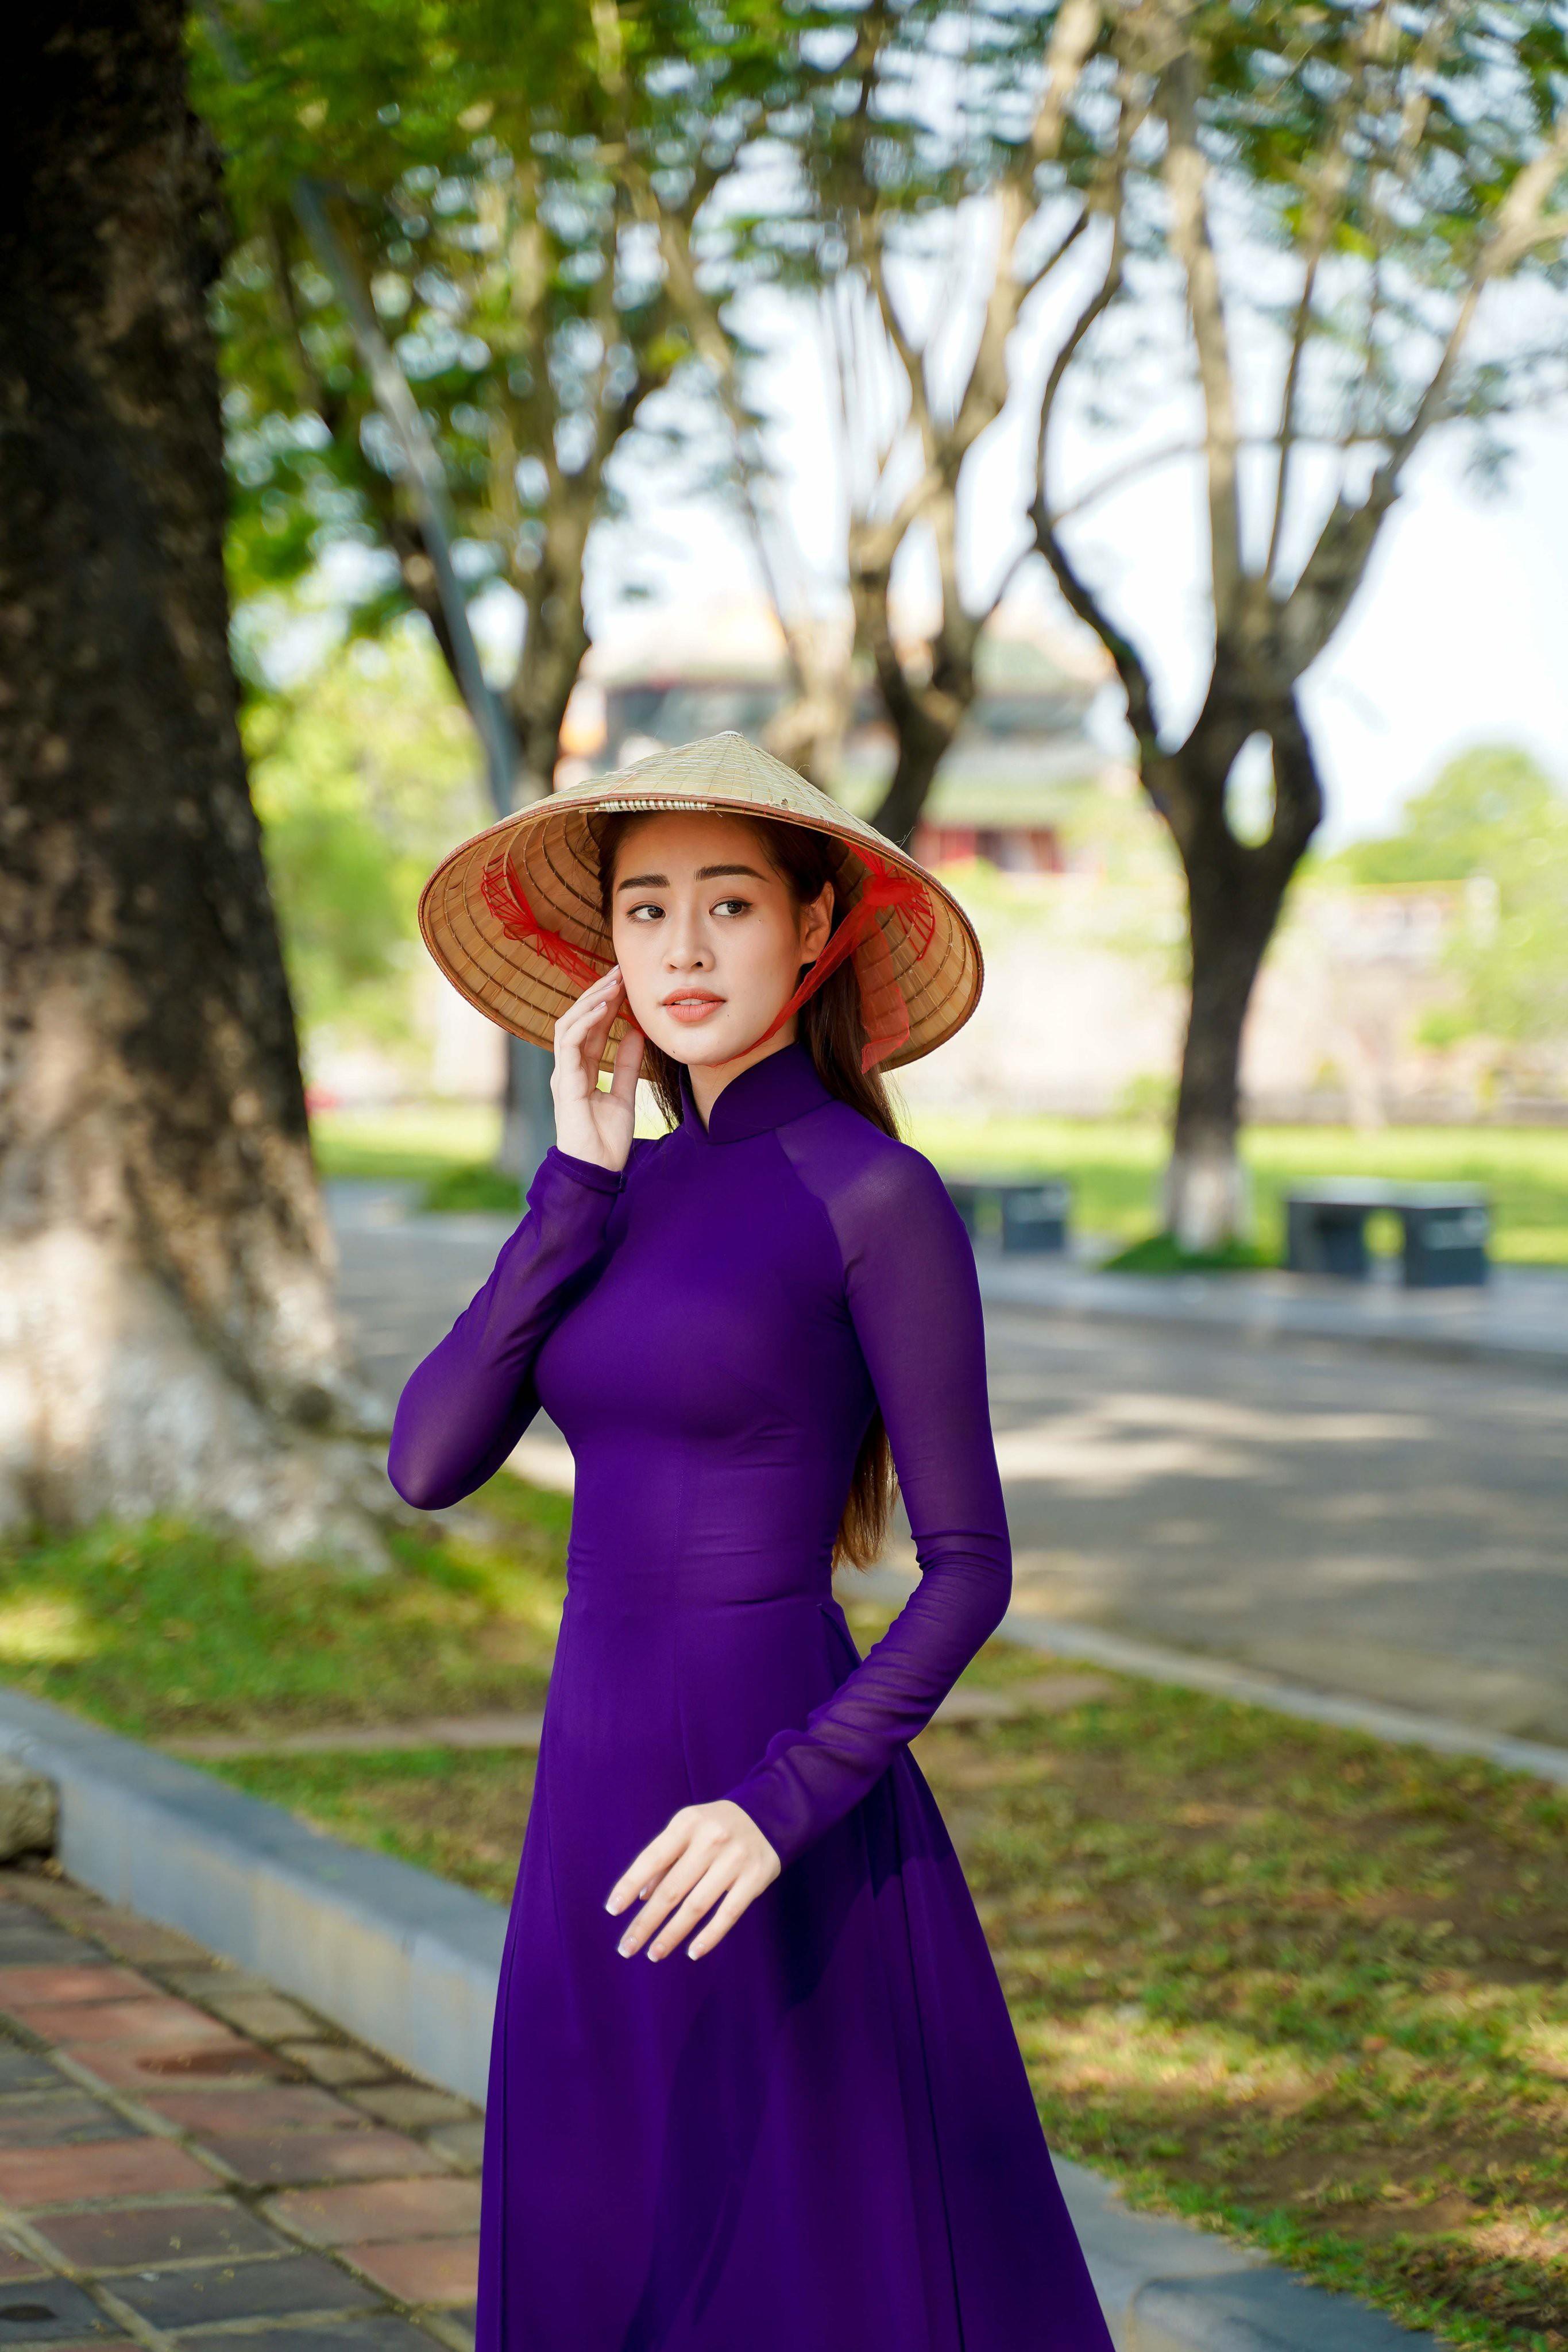 Hoa hậu Khánh Vân diện áo dài tím hóa thành cô gái xứ Huế Ảnh 4